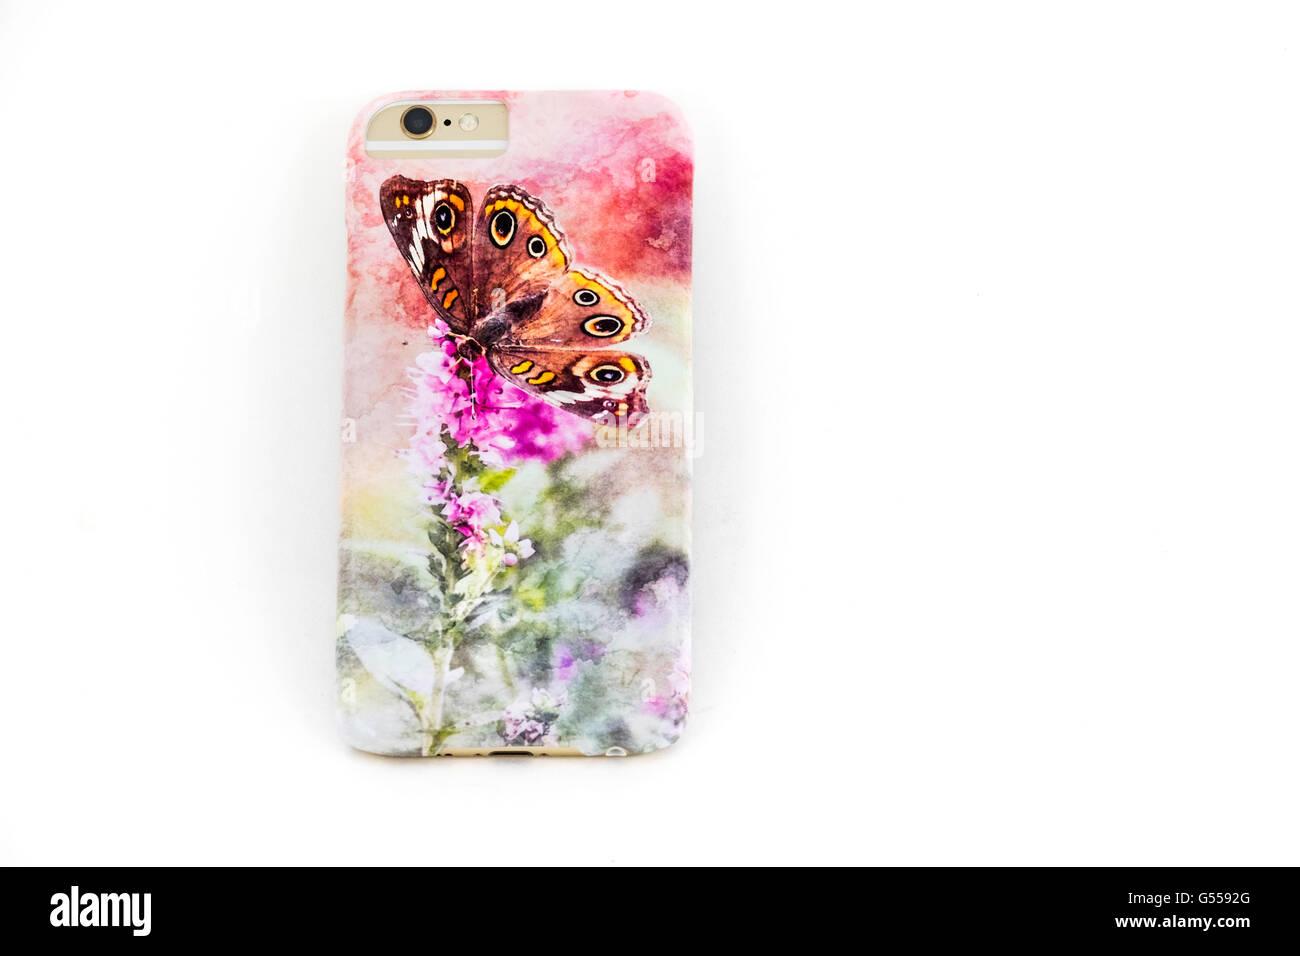 Una artística propietario teléfono personalizado diseñado para el iPhone 6s. Recorte. Imagen De Stock